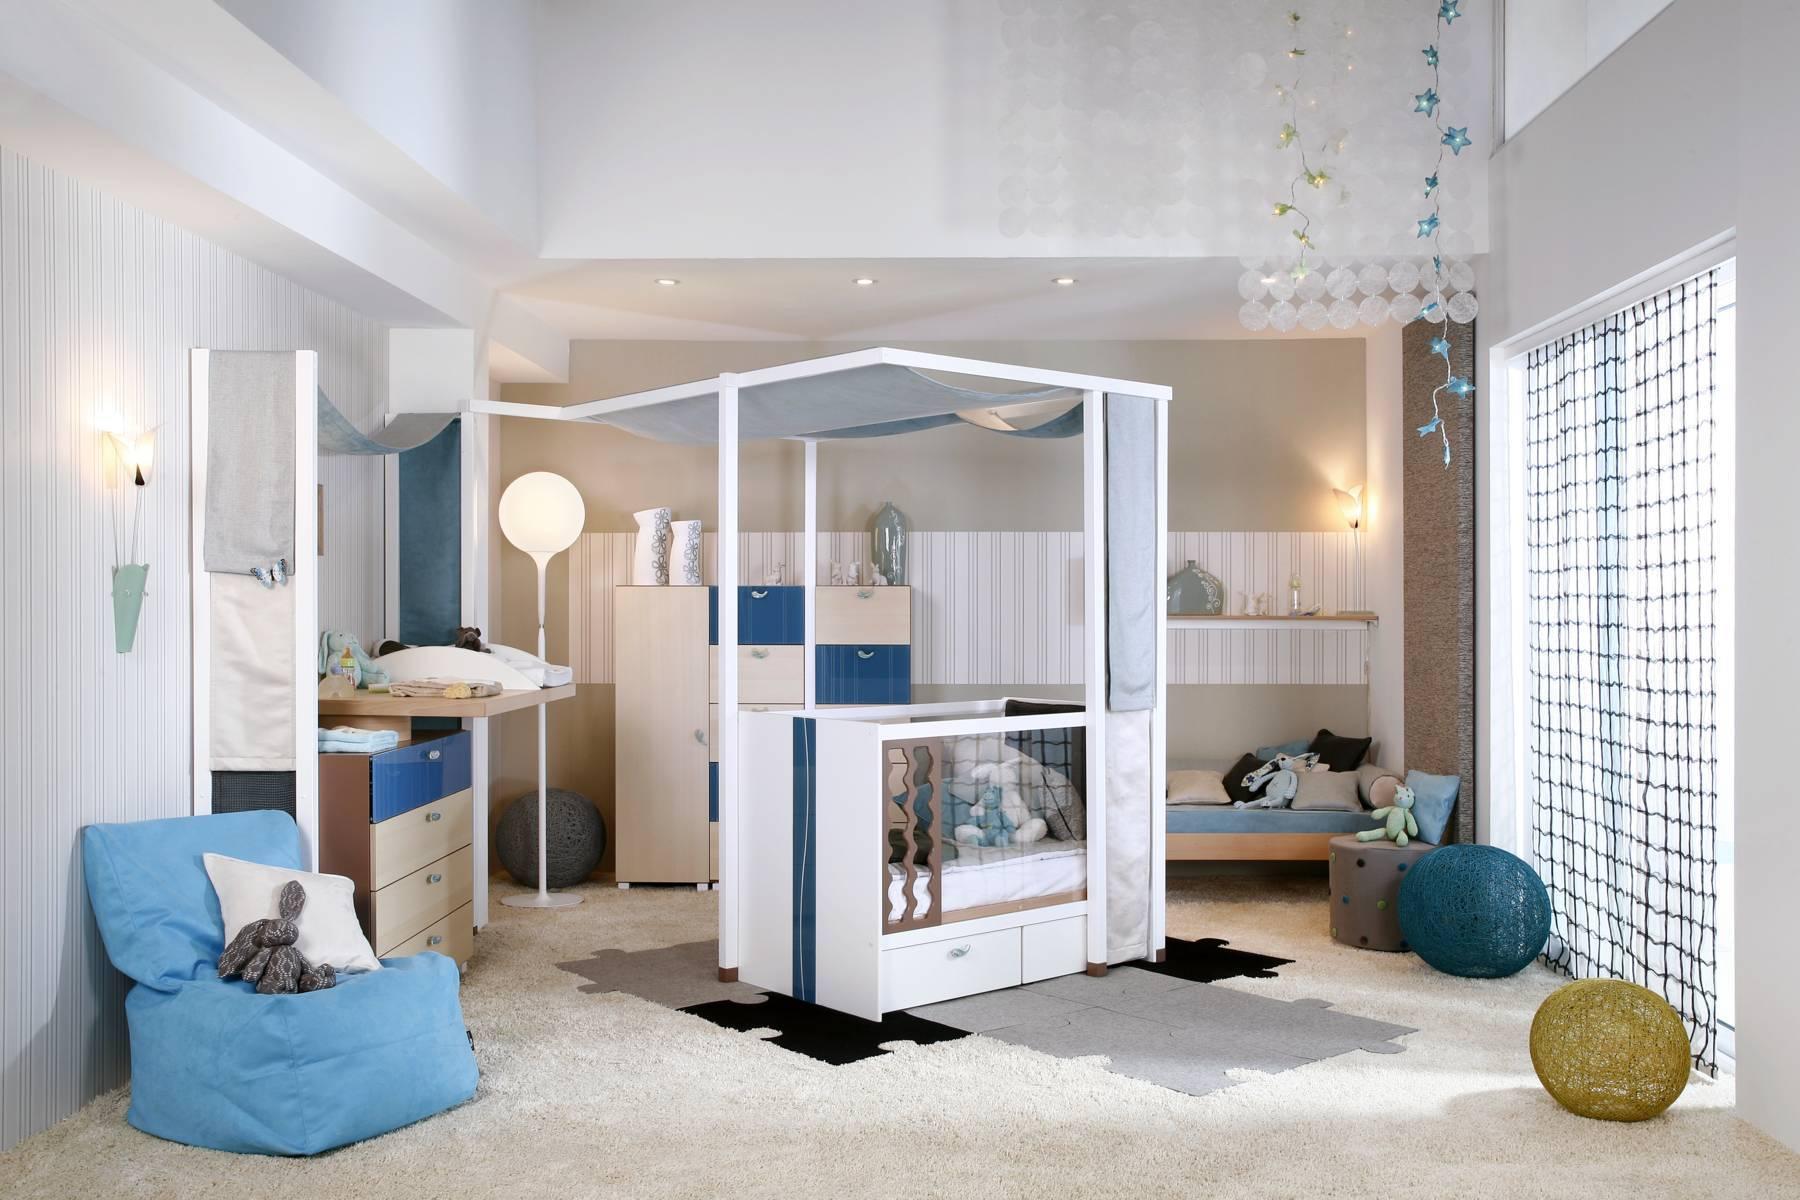 Camerette Chic Per Ragazze : Camere da letto per ragazze moderne trendy camere da sogno